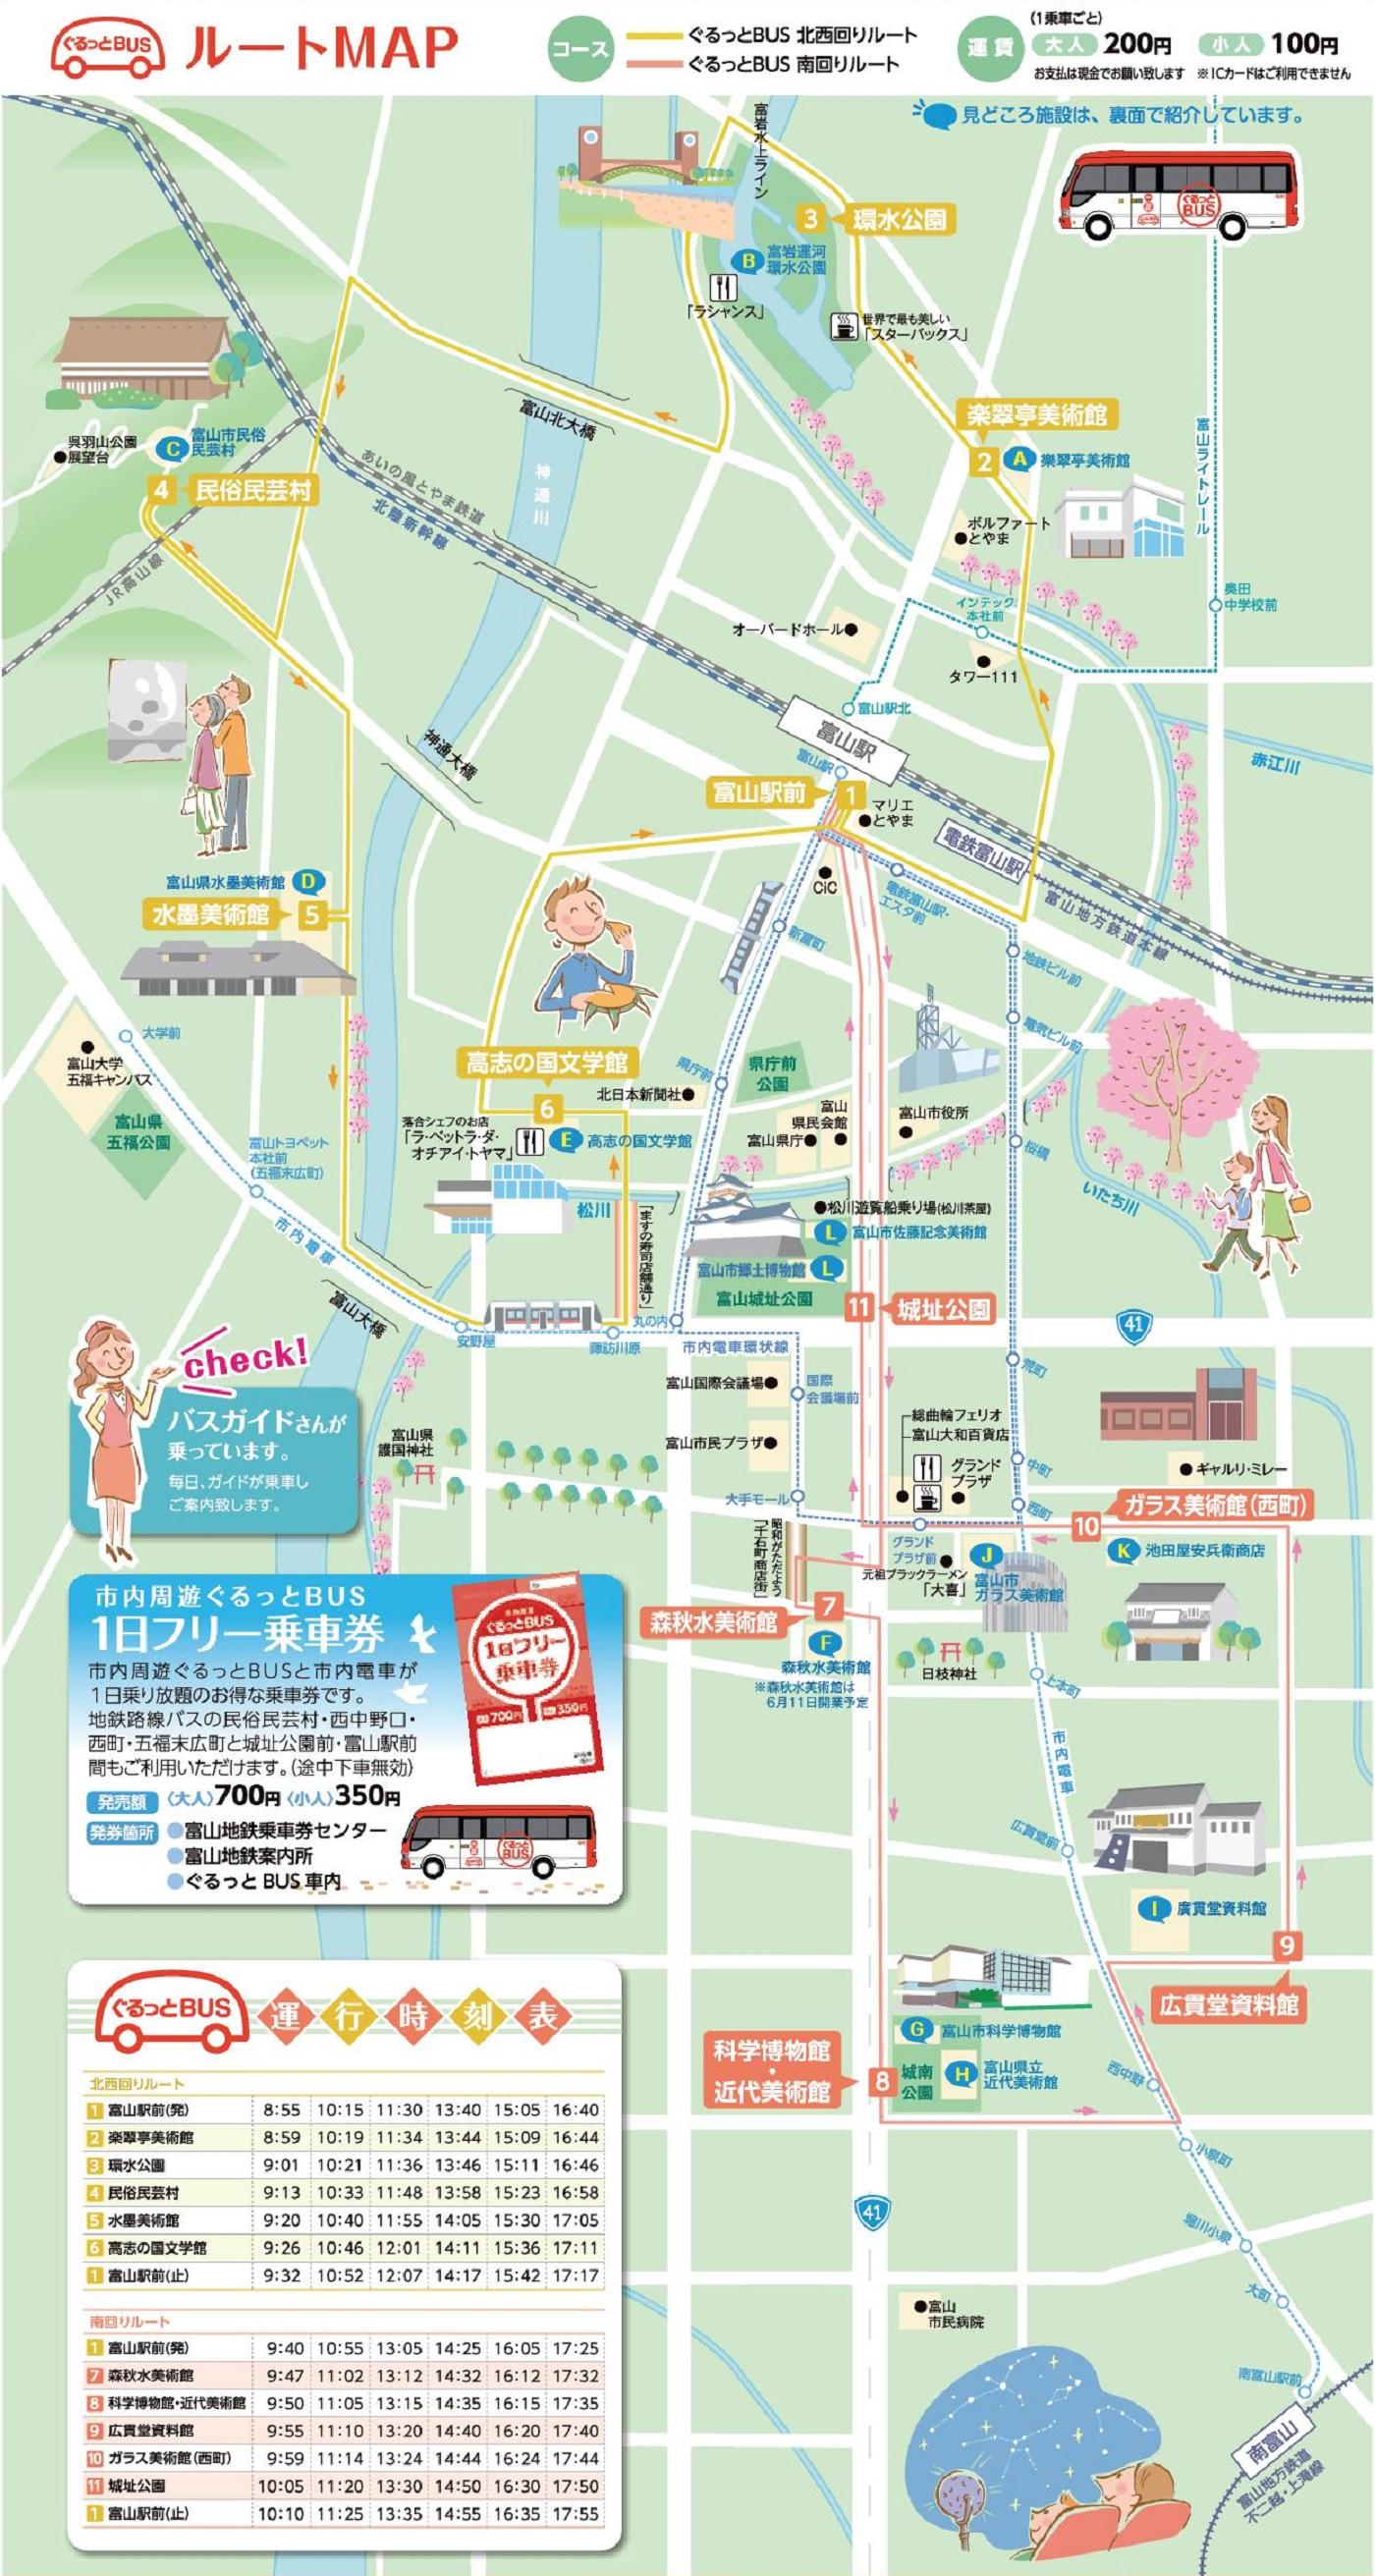 富山駅周辺をお手軽に観光♪『市内周遊ぐるっとBUS』 | 富山市 ...